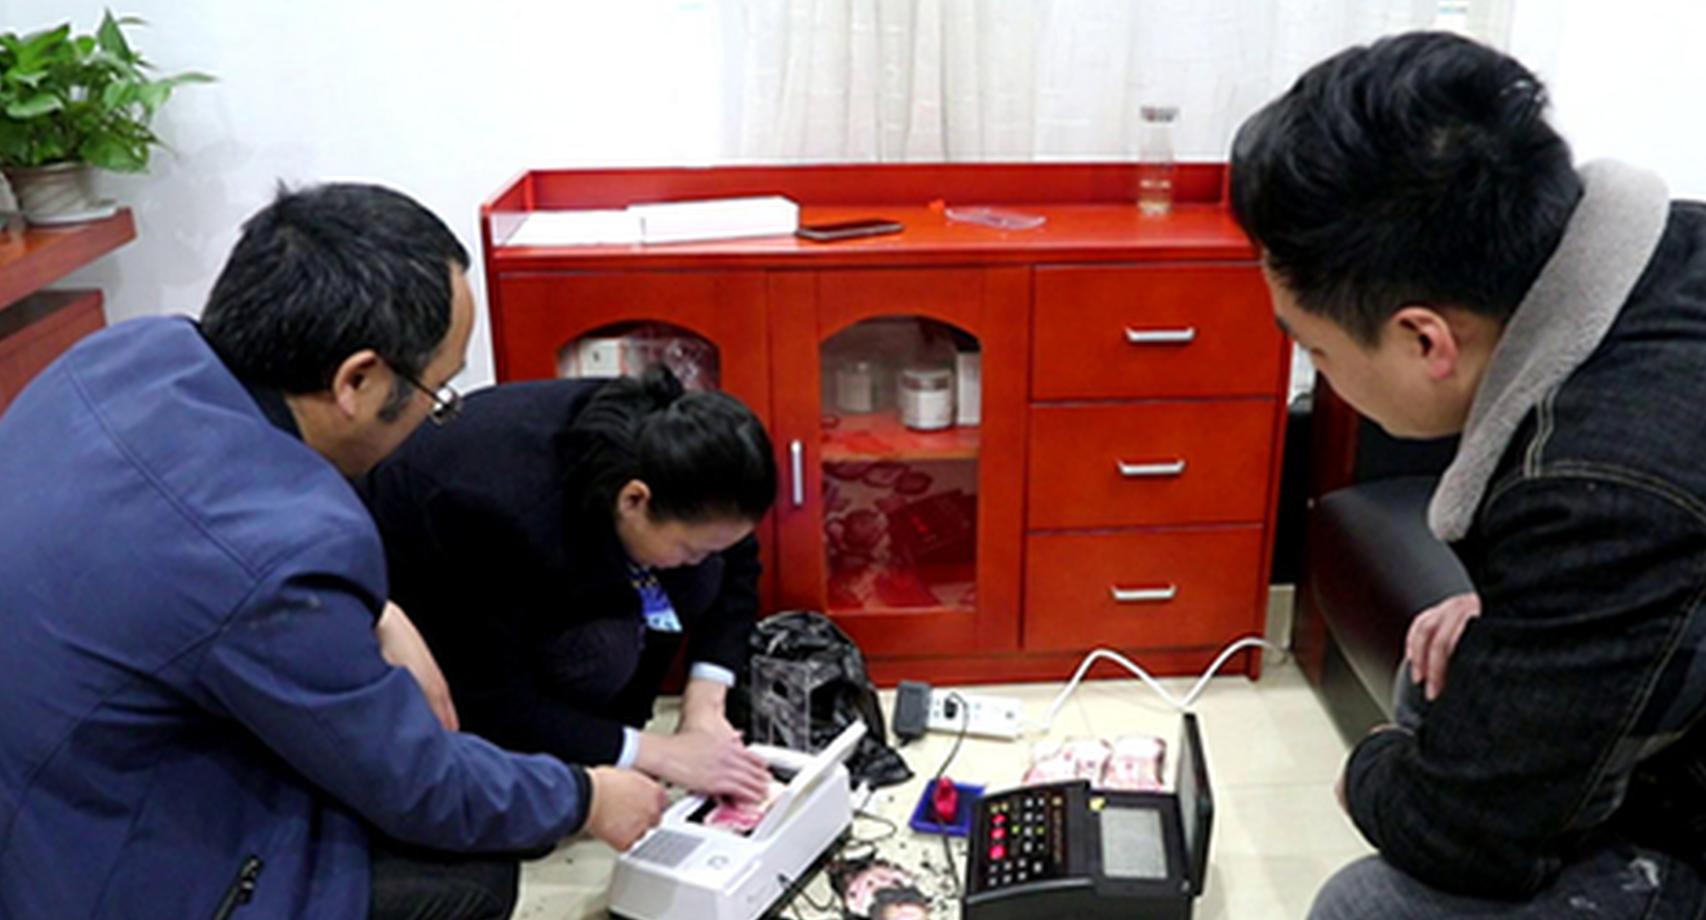 湖南新田:市民5万多元现金被烧 银行兑换残币挽损失